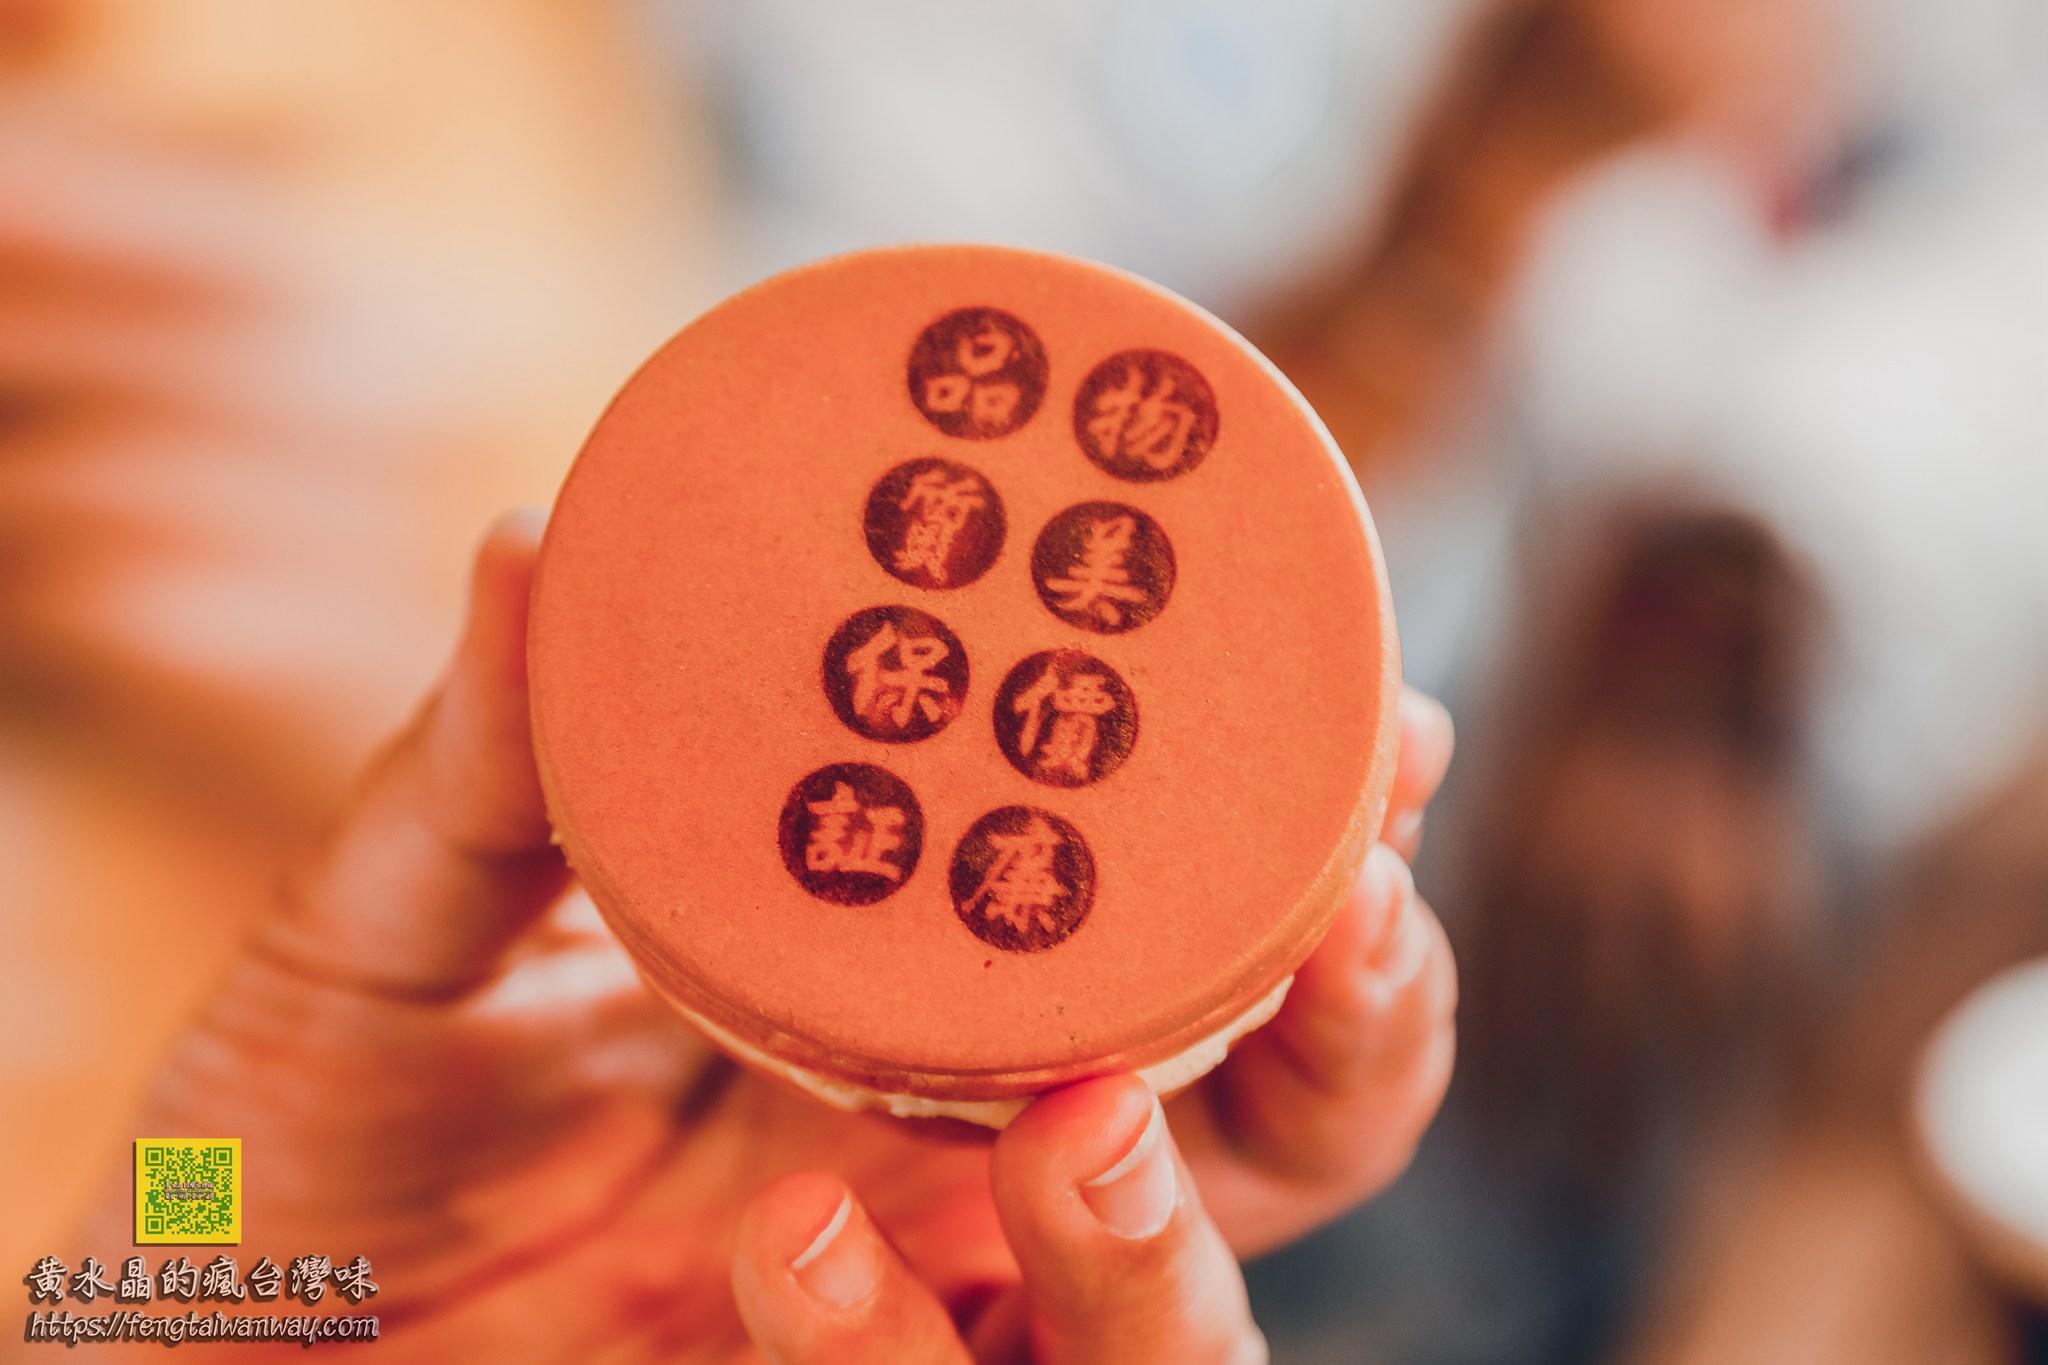 【桃園美食懶人包】桃園美食餐廳推薦|桃園13區各式美食小吃一次給它全部網羅 @黃水晶的瘋台灣味